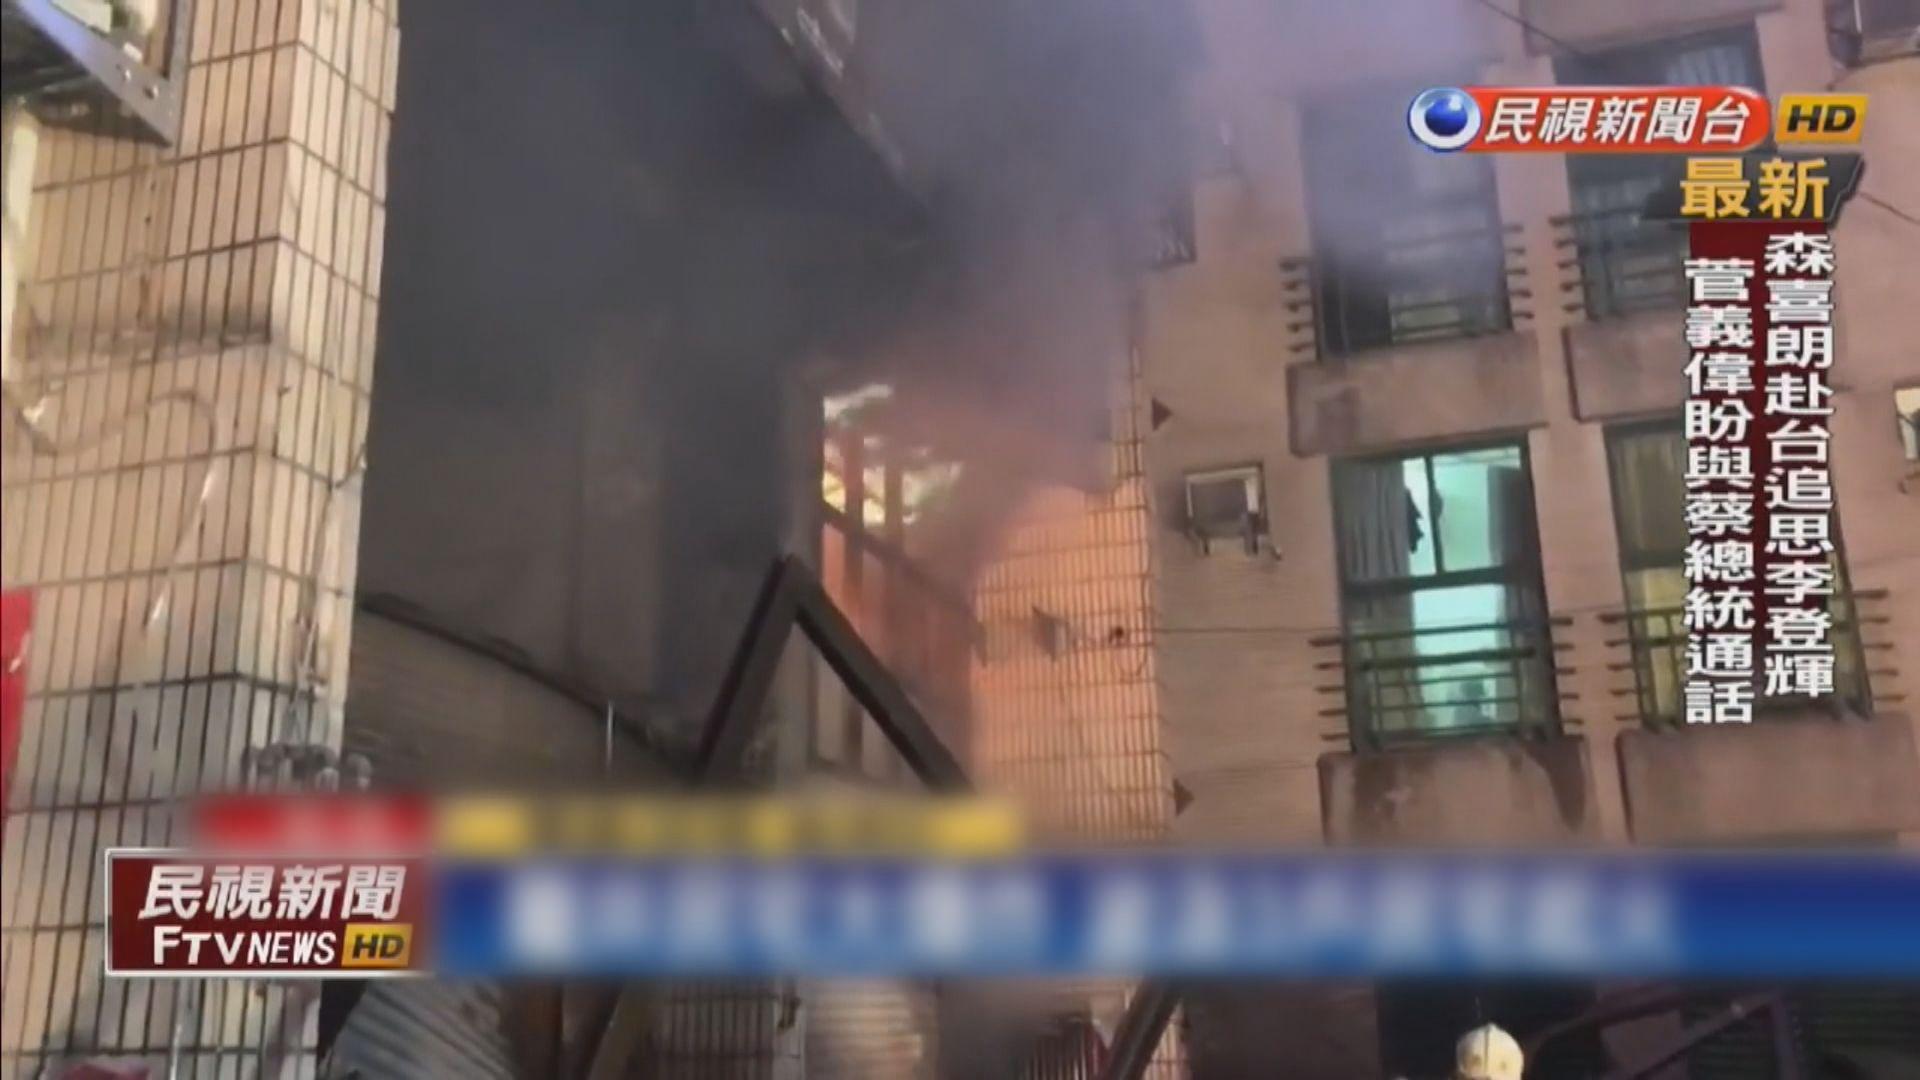 台中氣體爆炸引發火警至少四死一傷